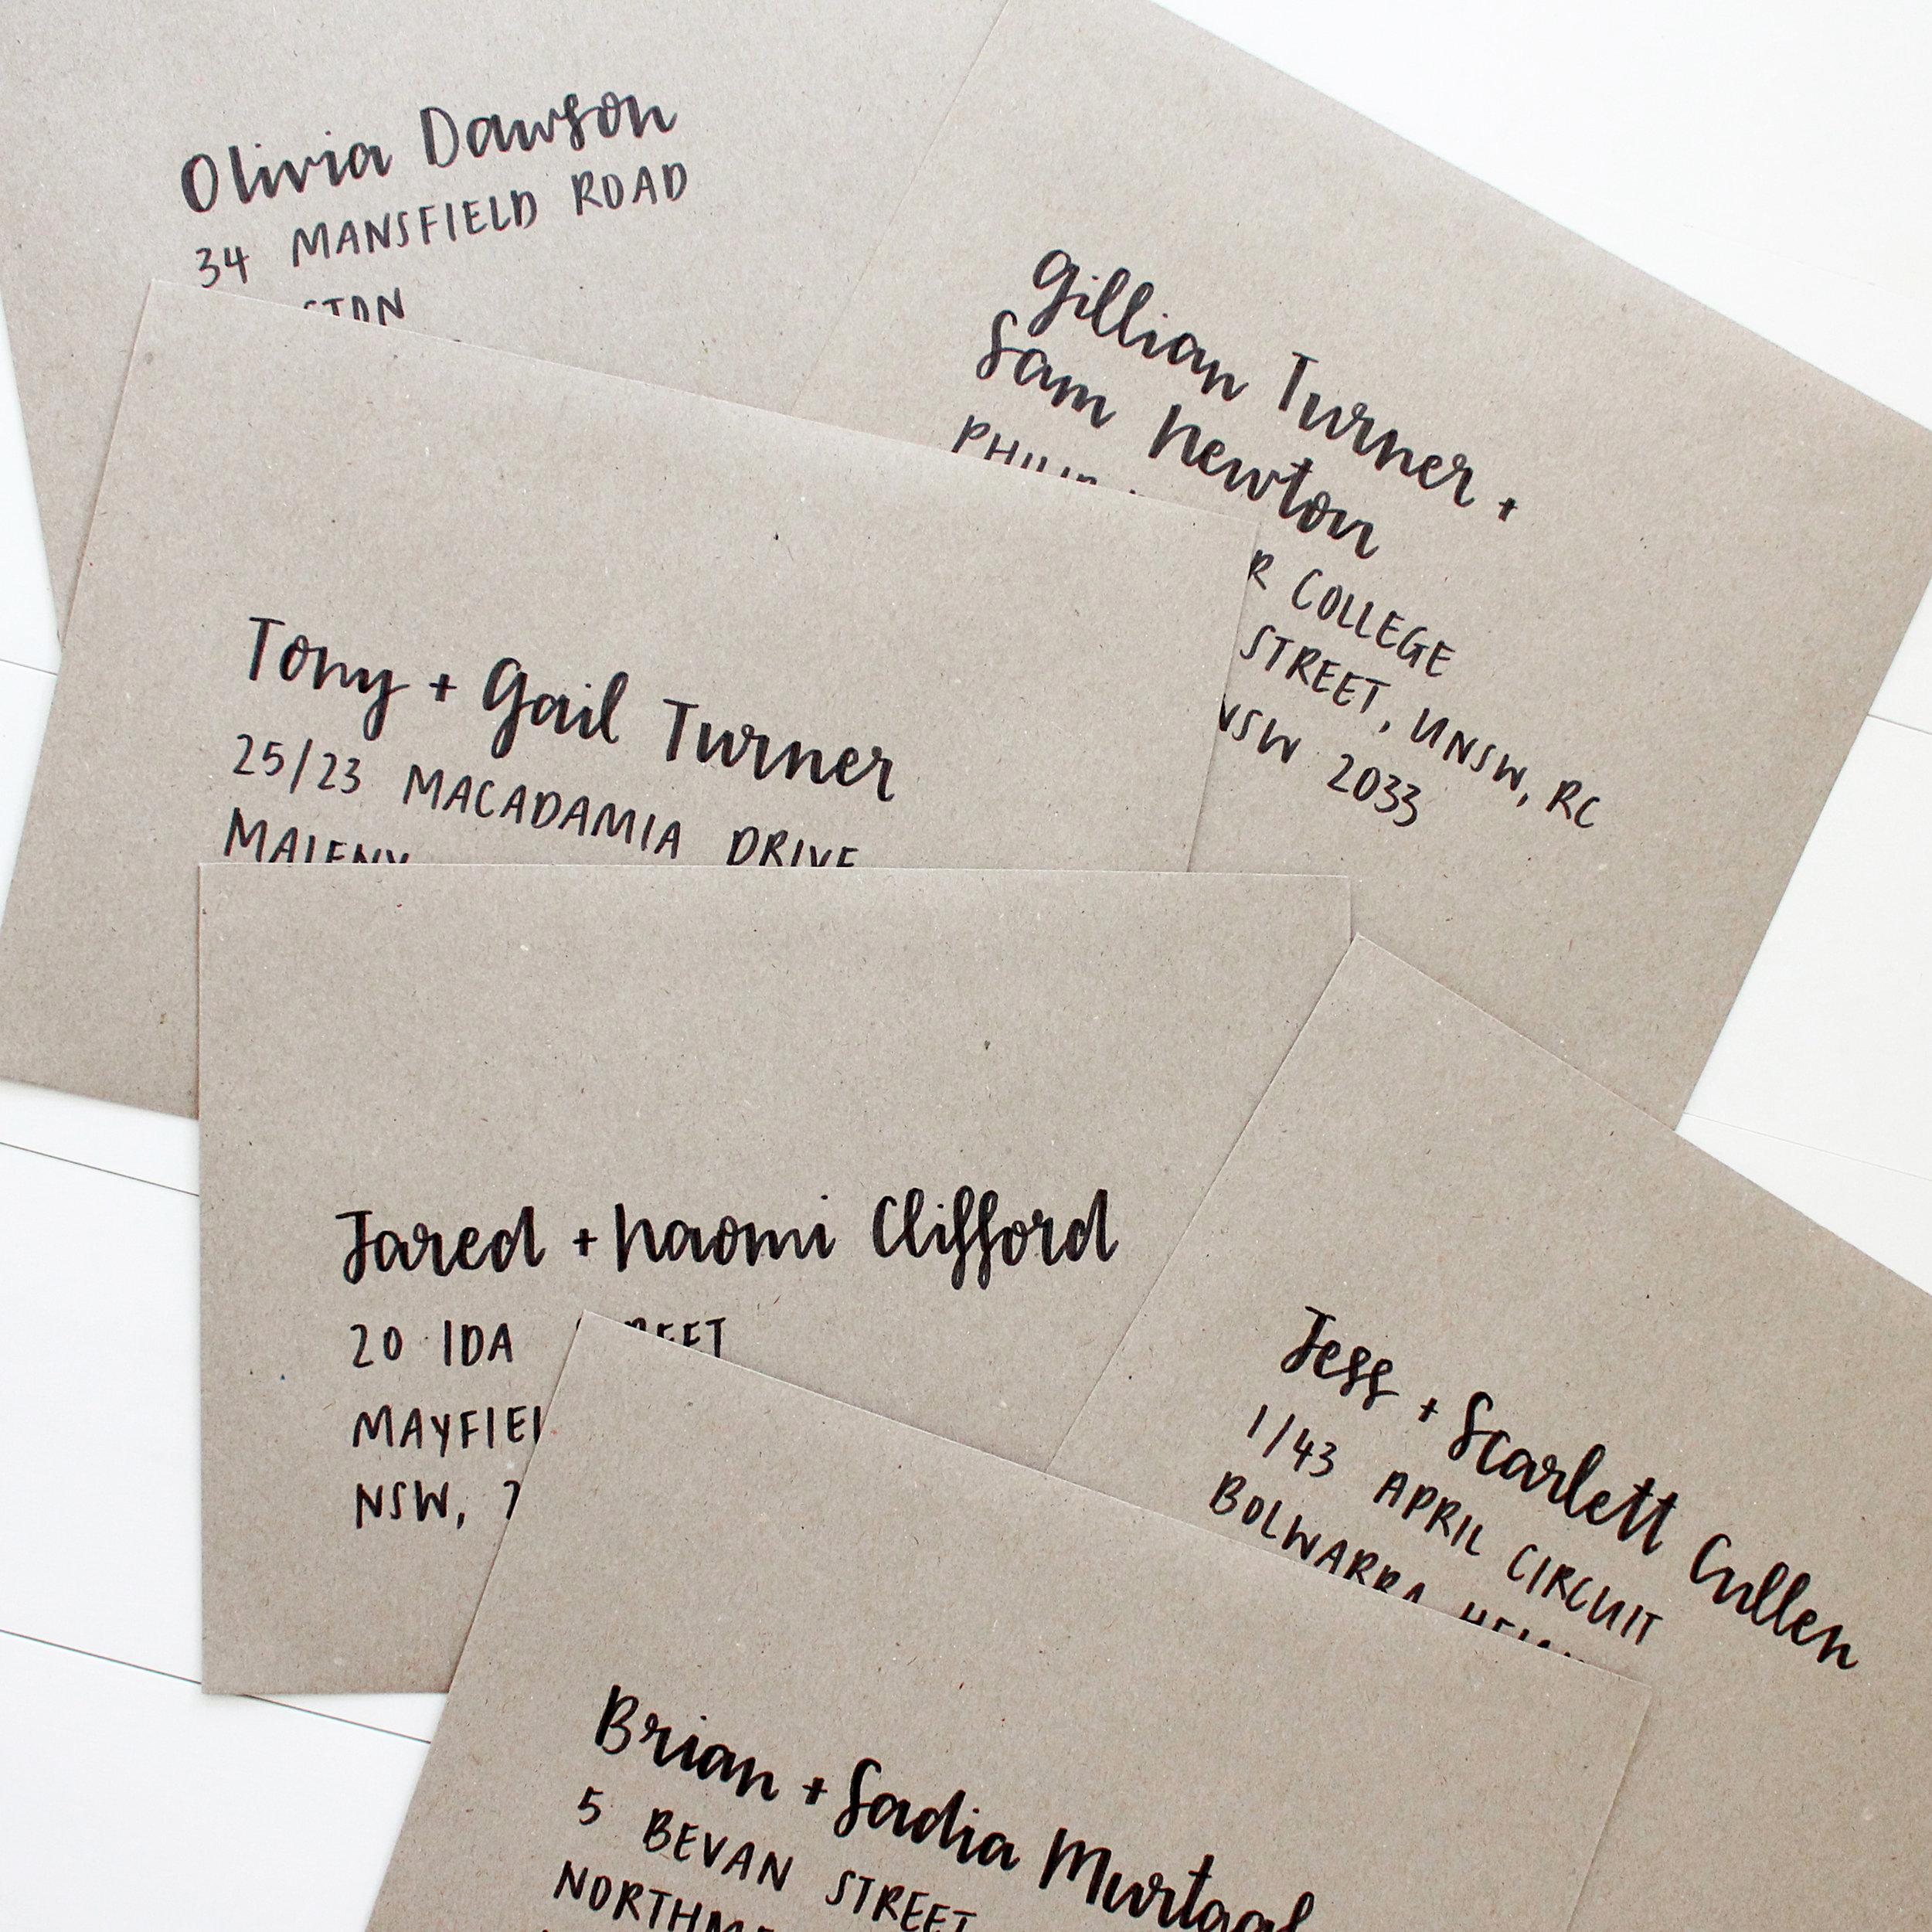 Kathleen envelopes.jpg